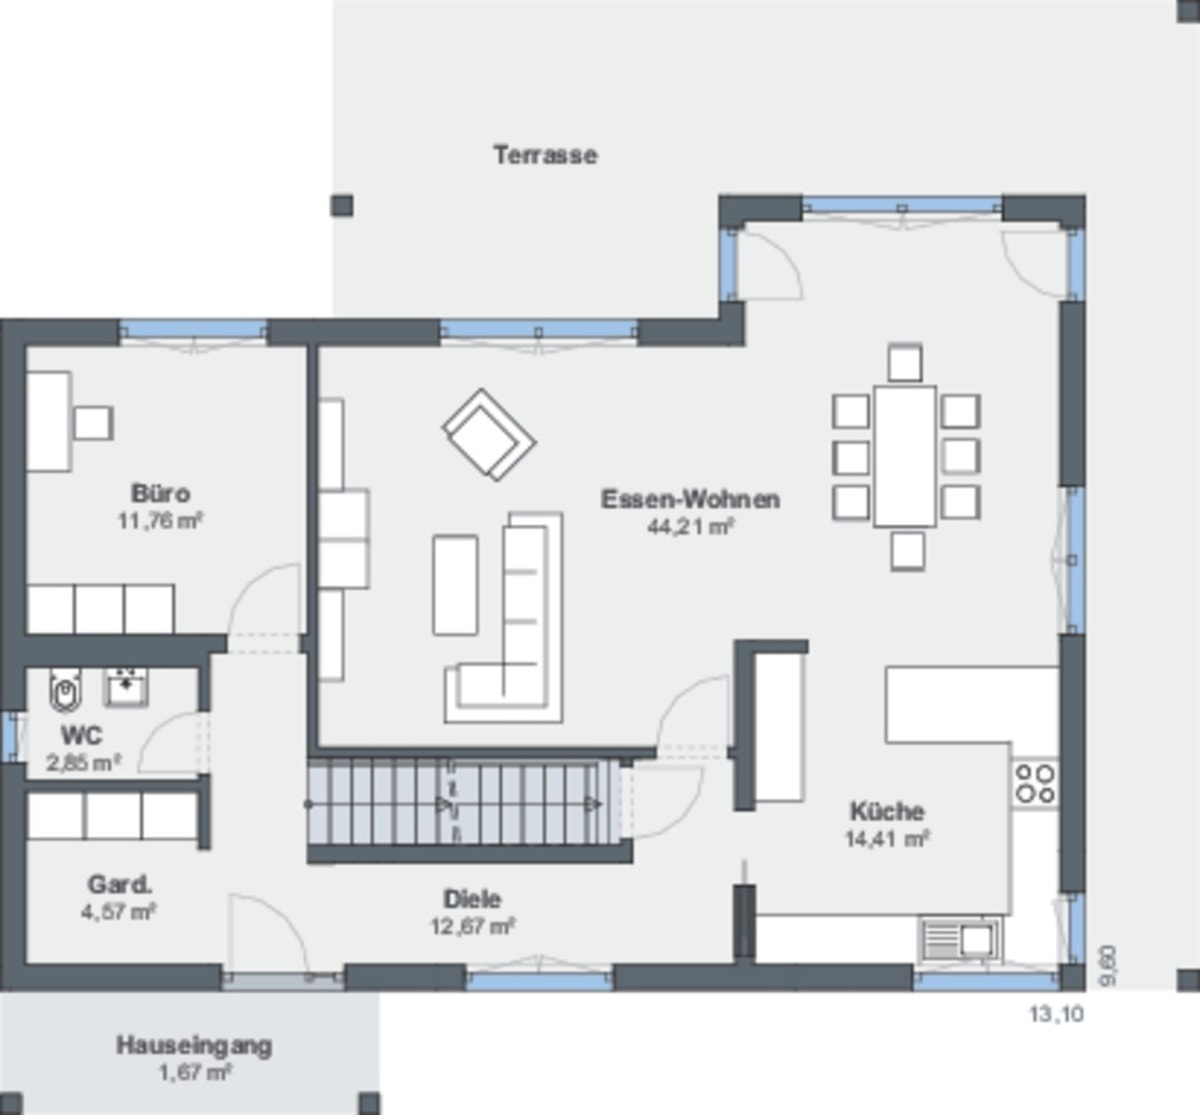 Einfamilienhaus Grundriss Erdgeschoss Treppe gerade - Haus bauen Design Ideen WeberHaus Fertighaus Sunshine 310 - HausbauDirekt.de